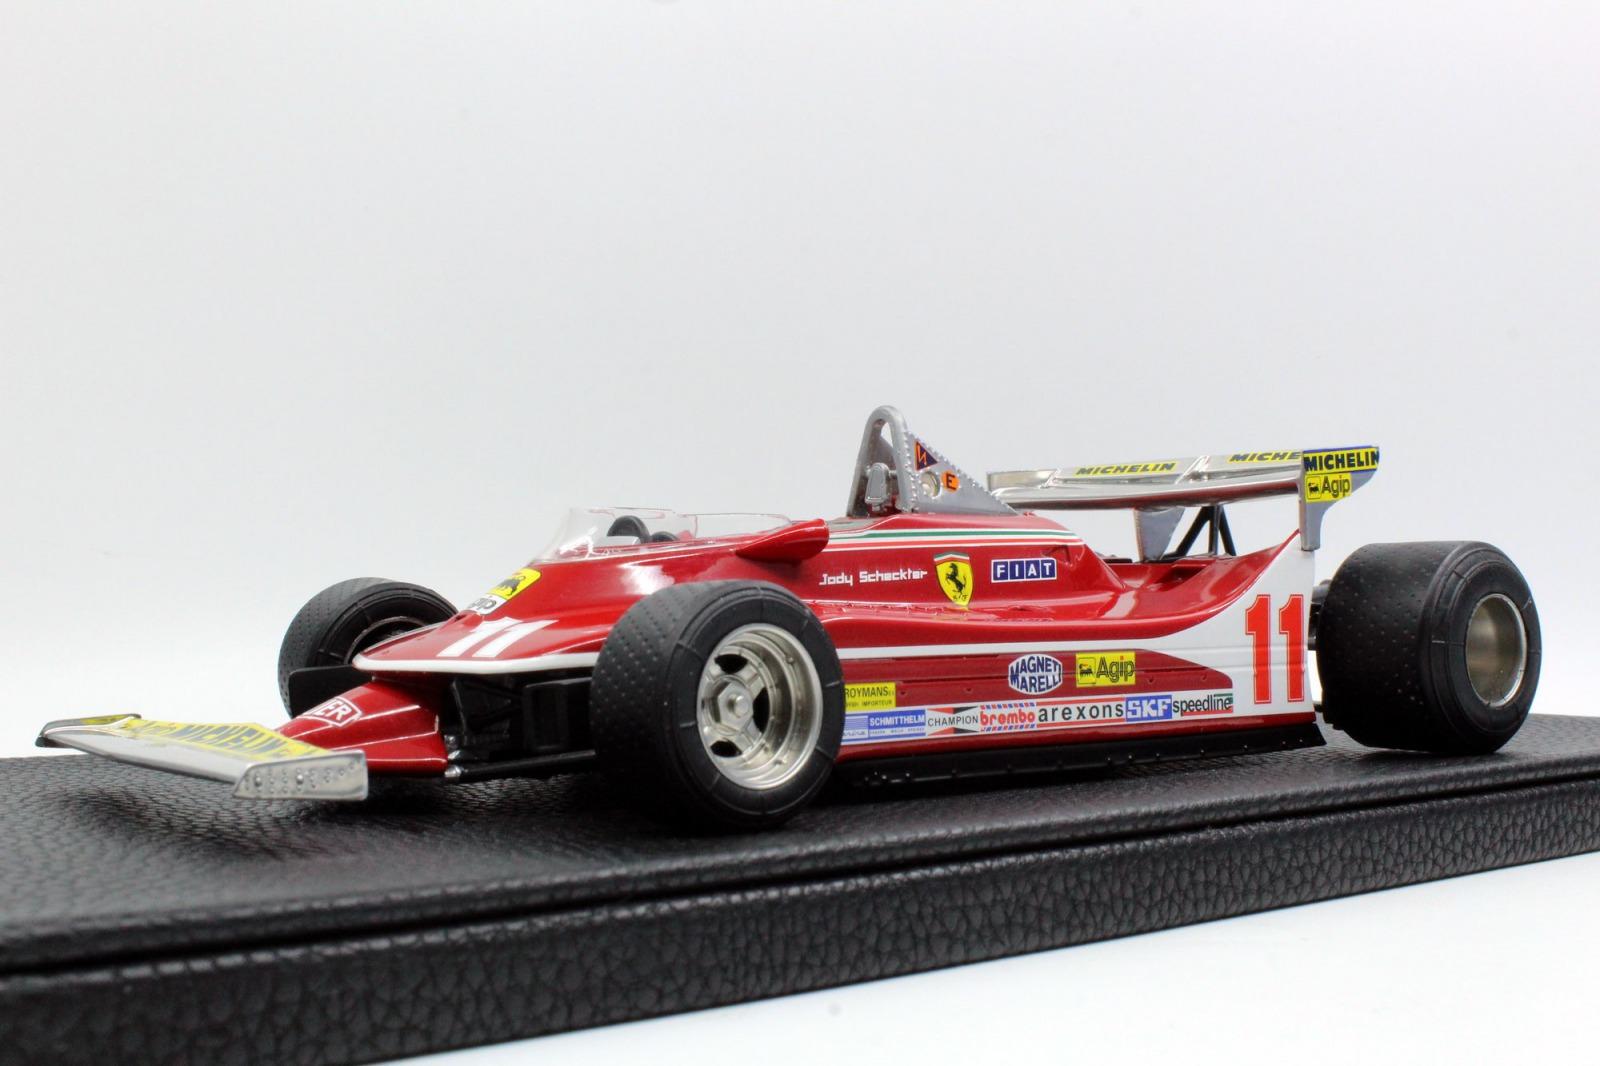 1979 MONTECARLO - レジン・プロポーションモデル 1979 N CHAMPION 1979年モンテカルロGP優勝 GP フェラーリ 11 312T4 F1 Replicas No11 J.Skeckter(ジョディー・シェクター)FERRARI F1 WORLD GP J.SCHECKTER 1:18スケール 312T4